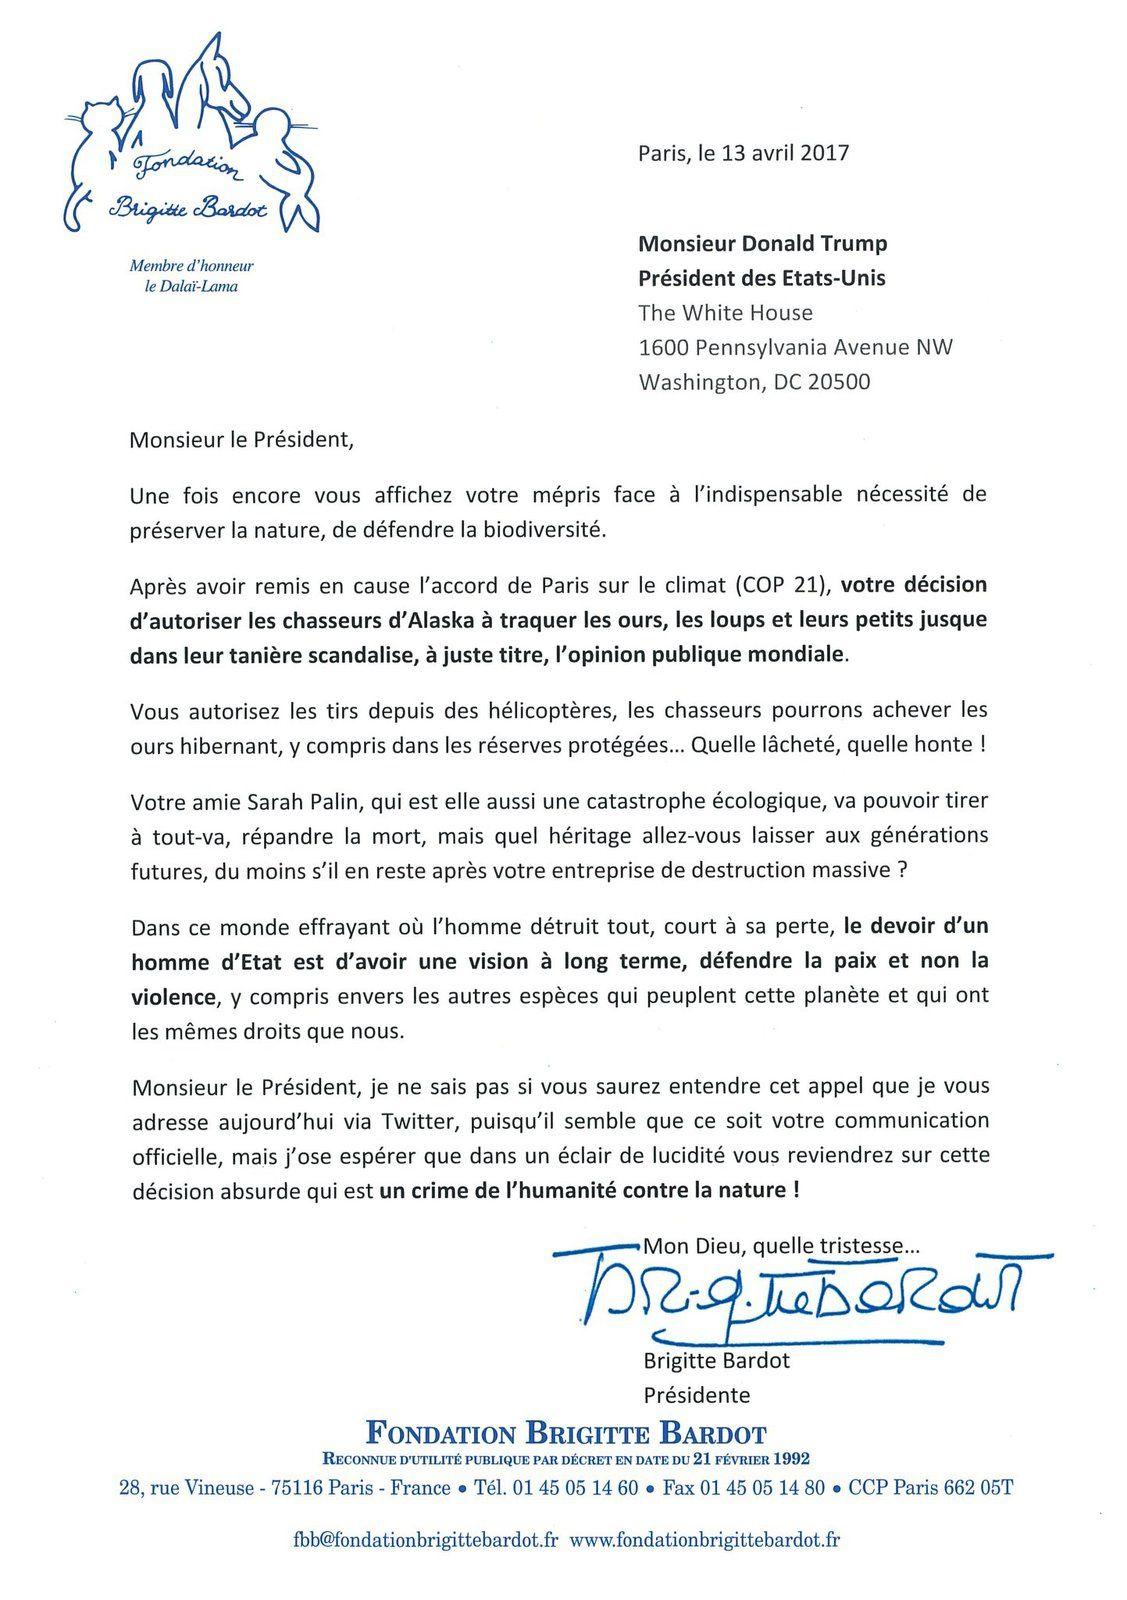 Brigitte Bardot : Coup de gueule contre Trump !